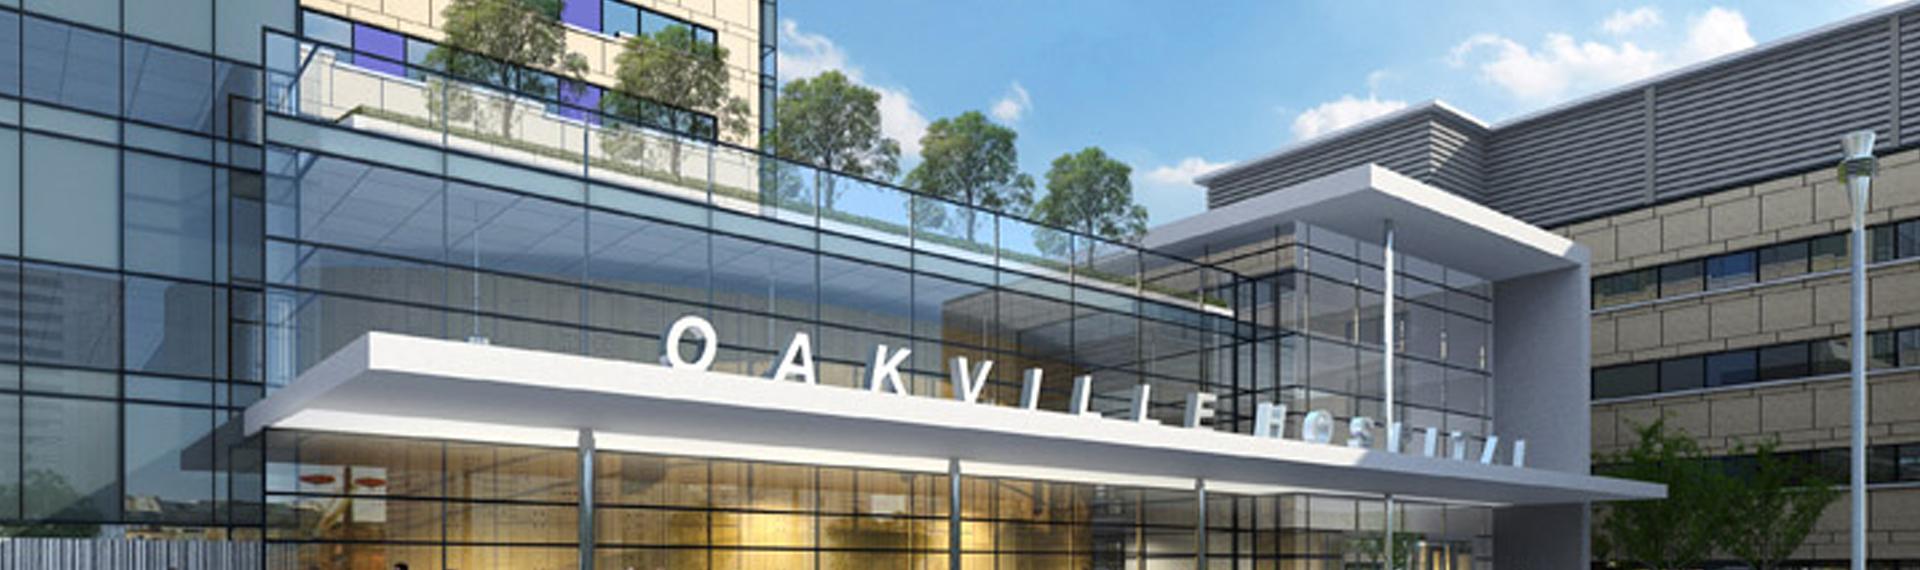 OCS-Slider-Oakville-Hospital